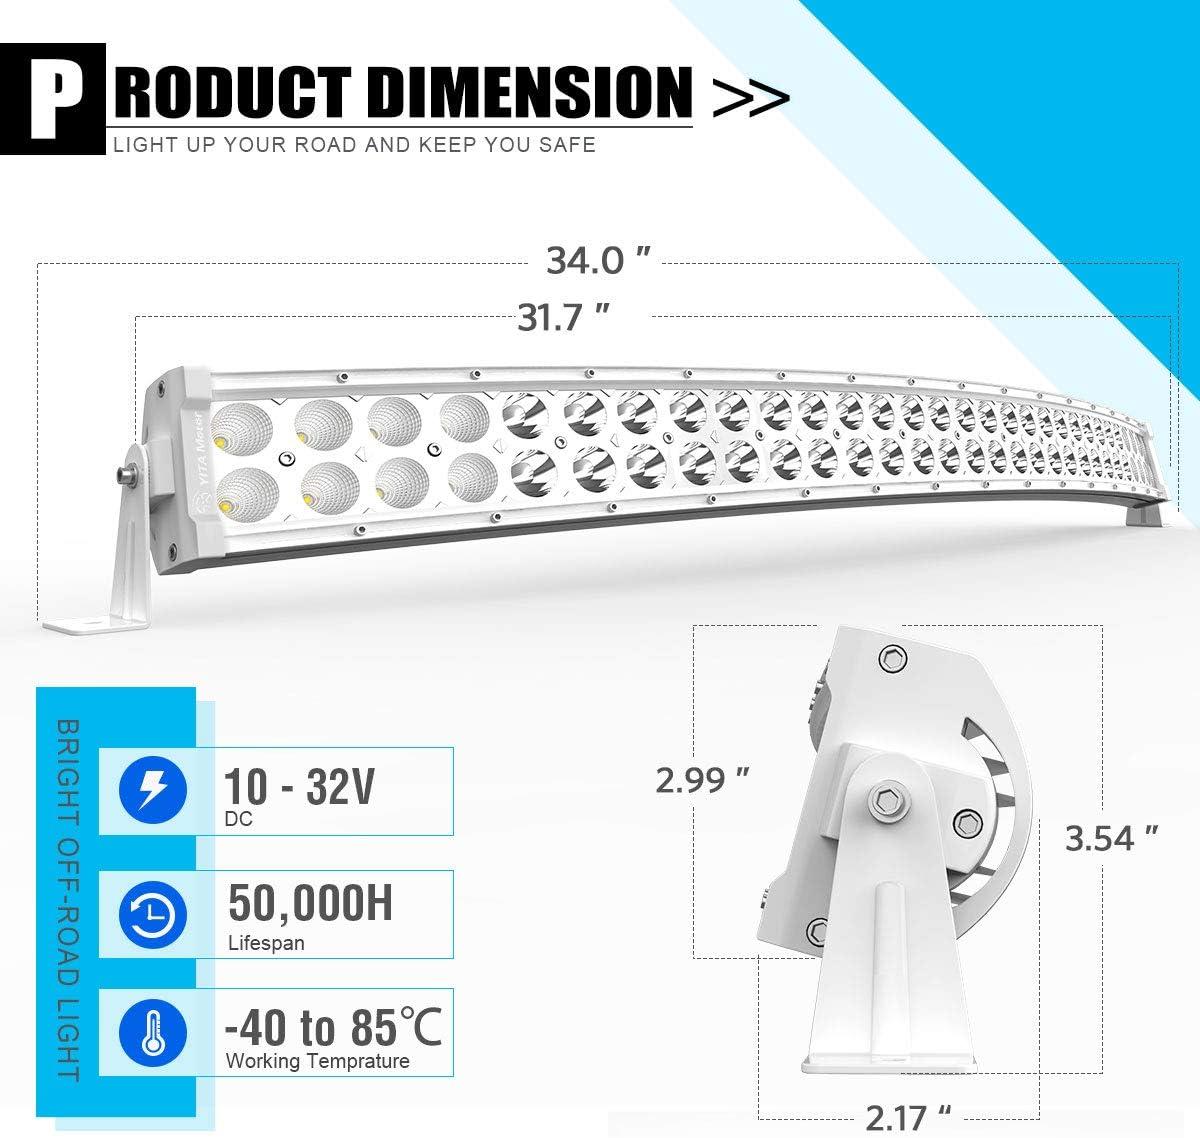 Yitamotor Barre lumineuse LED incurvée 40,40 cm 40 W avec faisceau de  câblage 40 V Compatible avec pick up, Jeep, voiture, camion, bateau, VTT,  moto